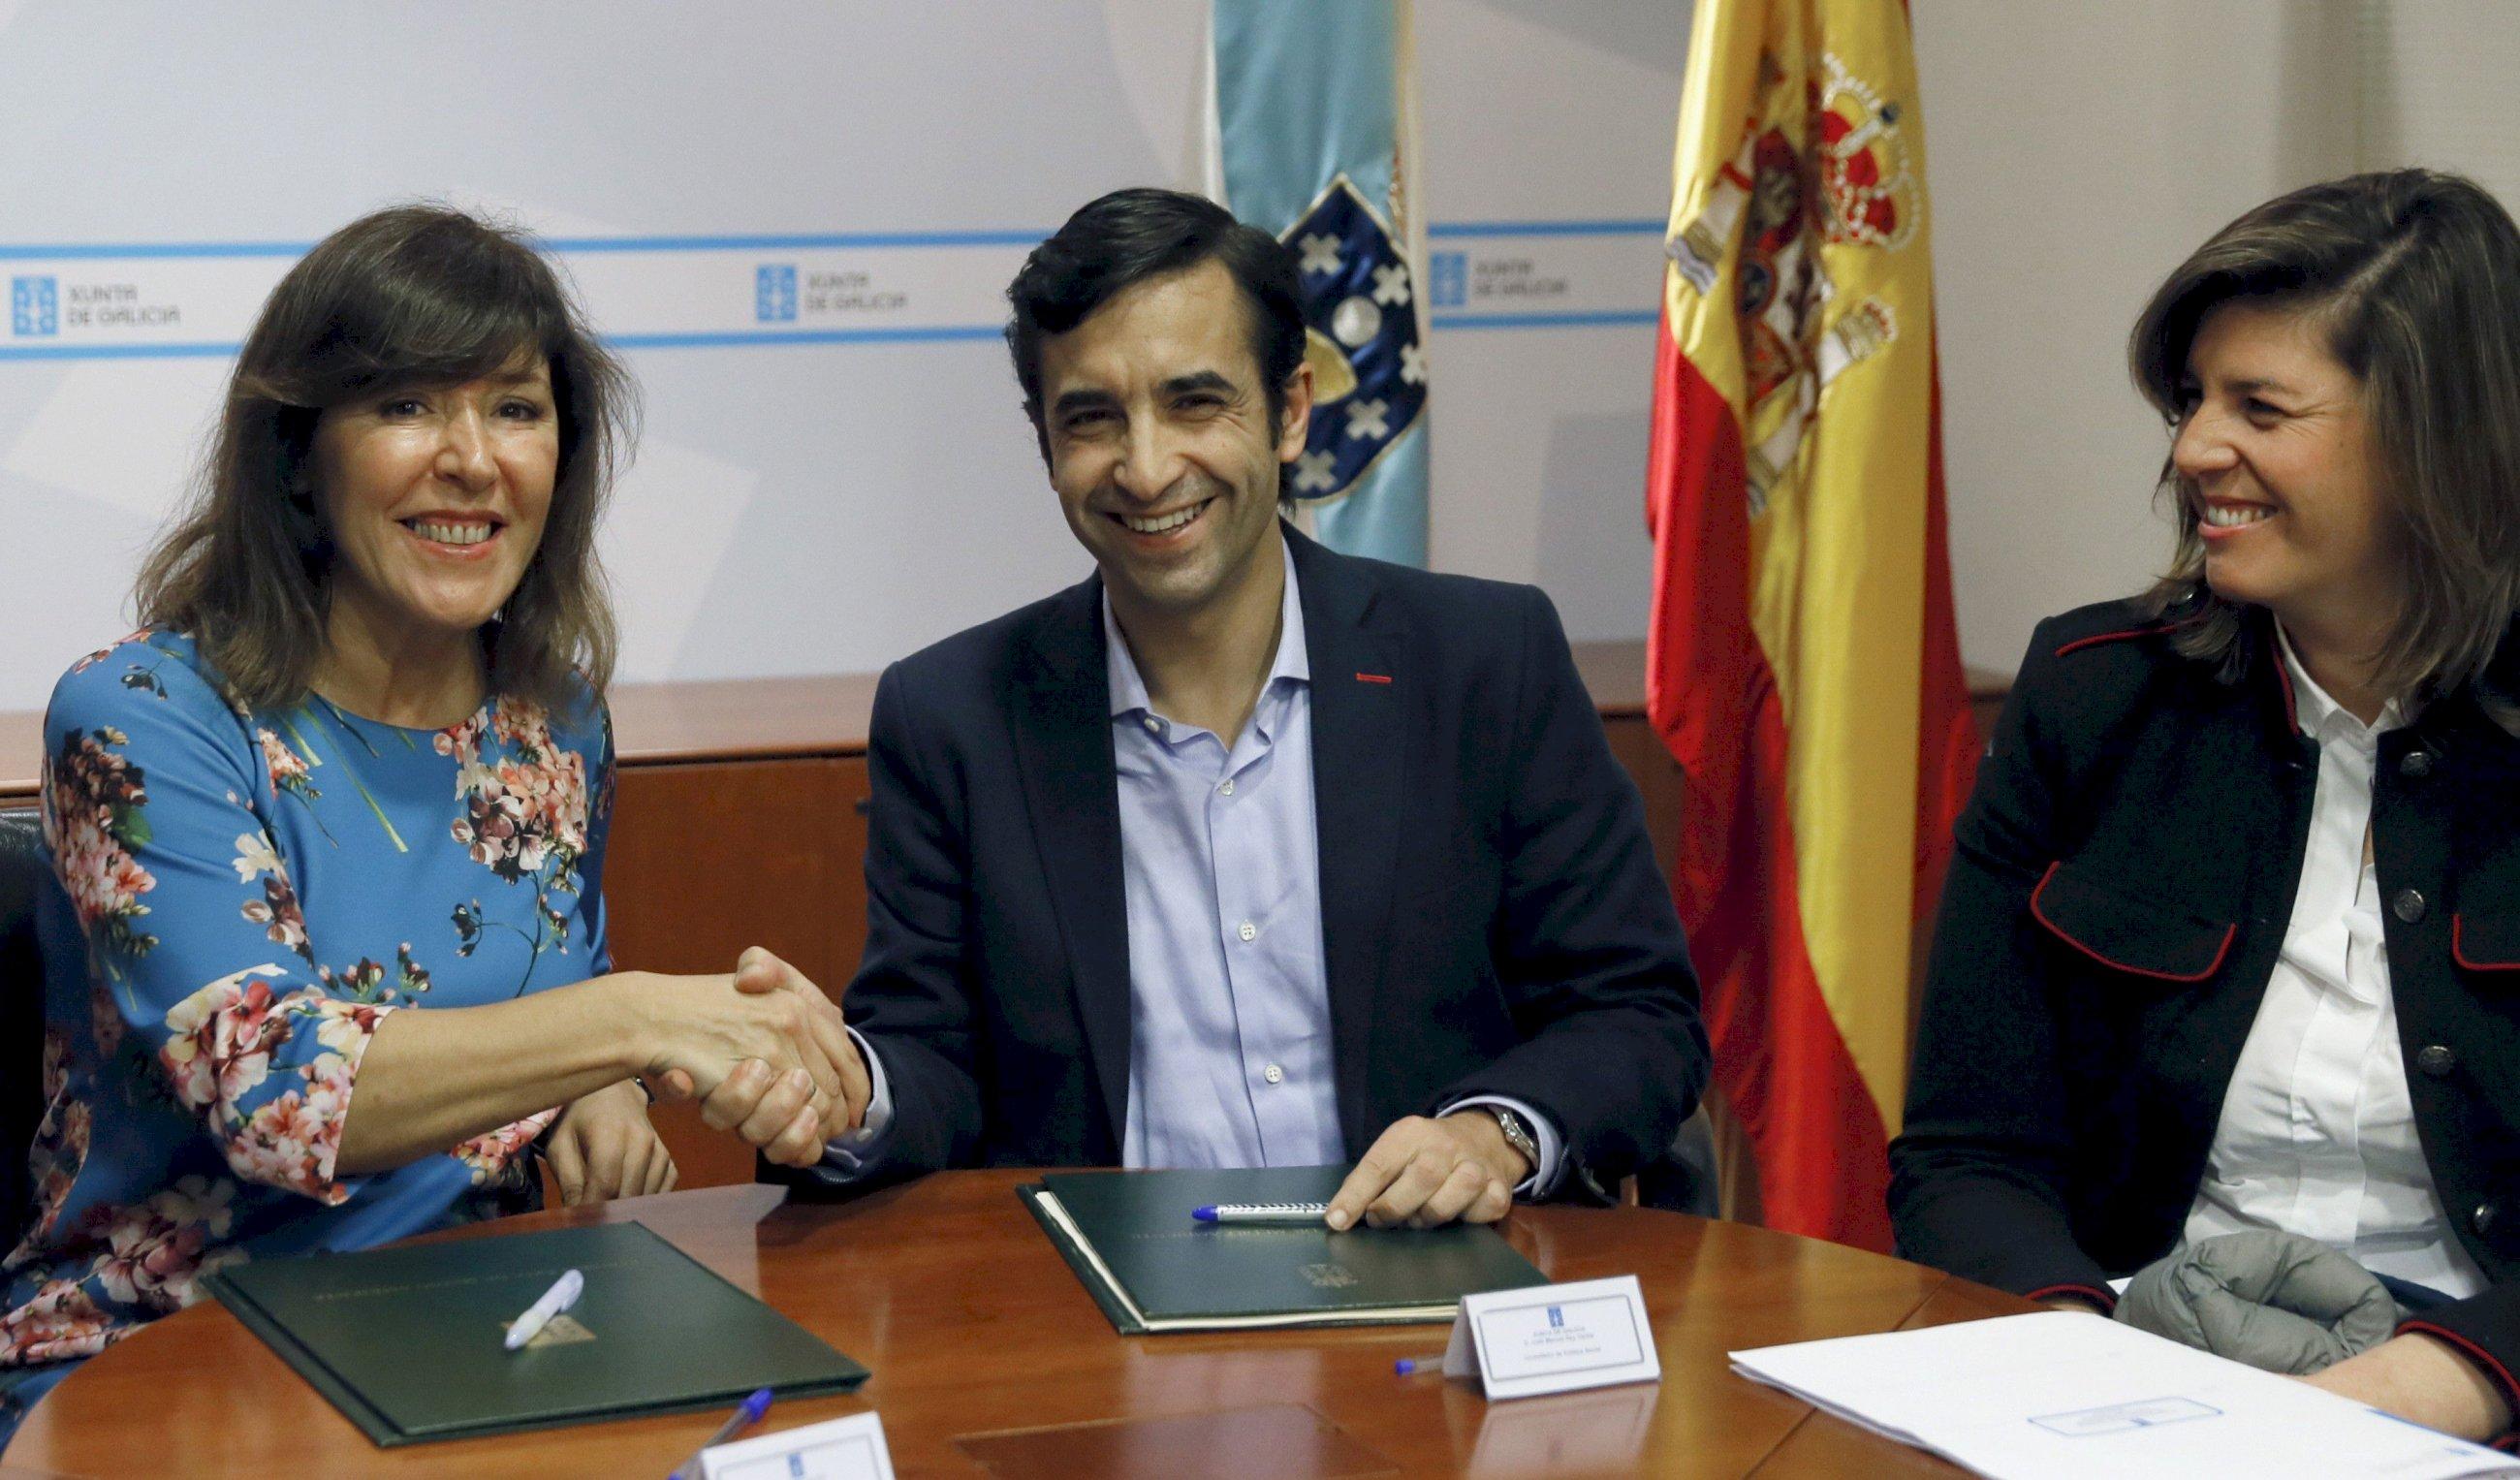 Beatriz Mato y Rey Varela saltan con red: retienen su acta de diputado